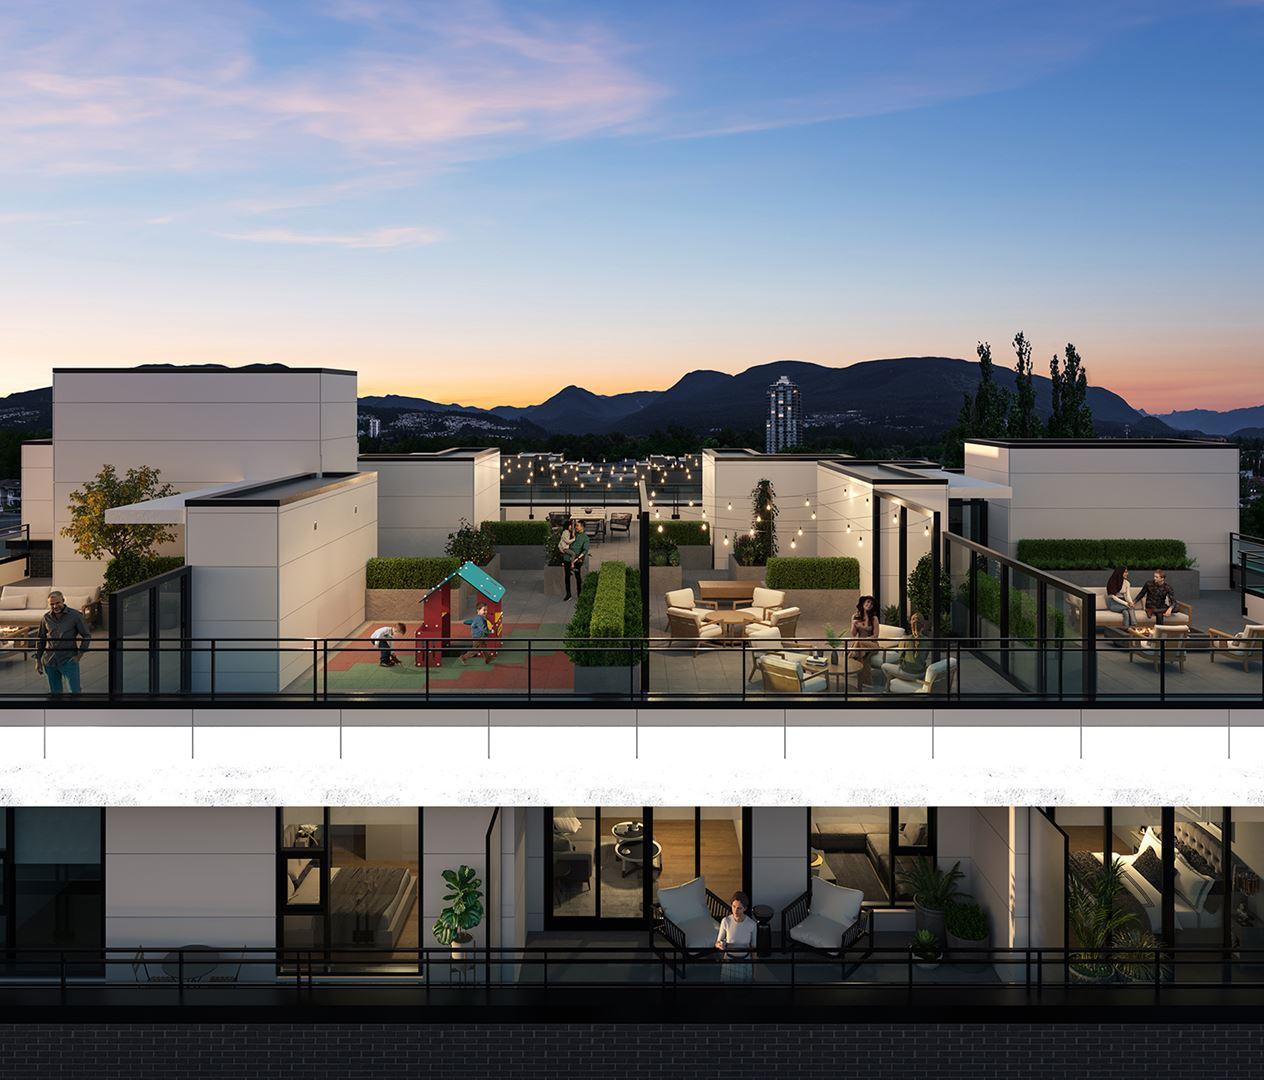 2021_03_17_06_26_20_twoshaughnessy_-_rooftop_rendering_2.jpg